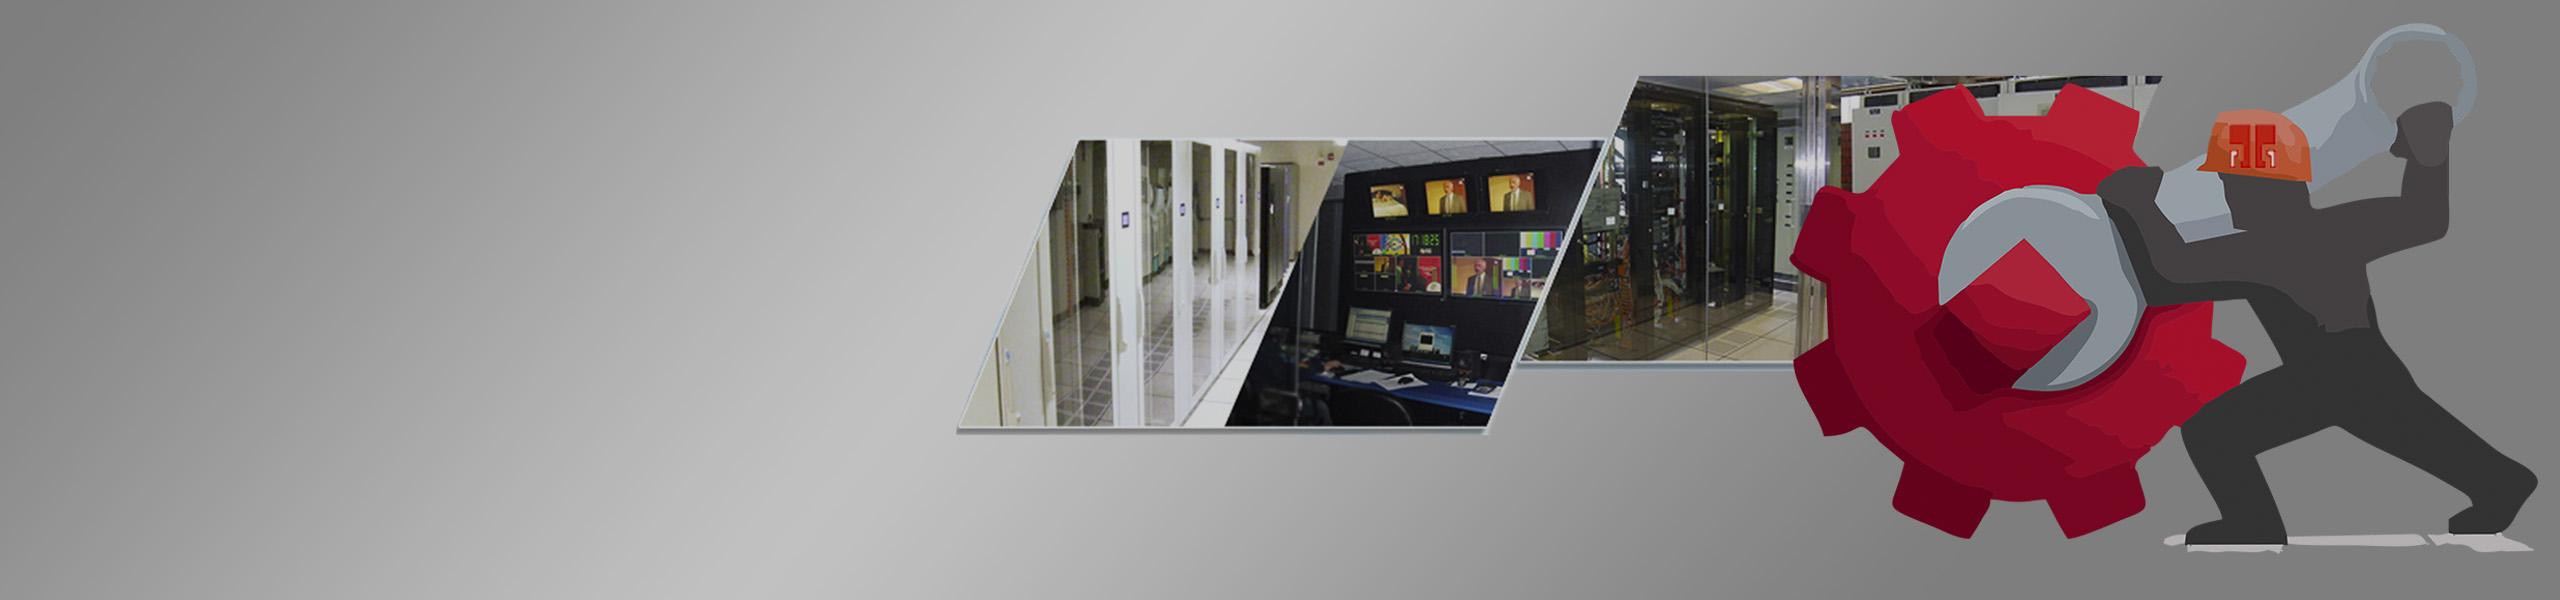 banner_principal_superior_nuestros_proyectos_tecniases_2